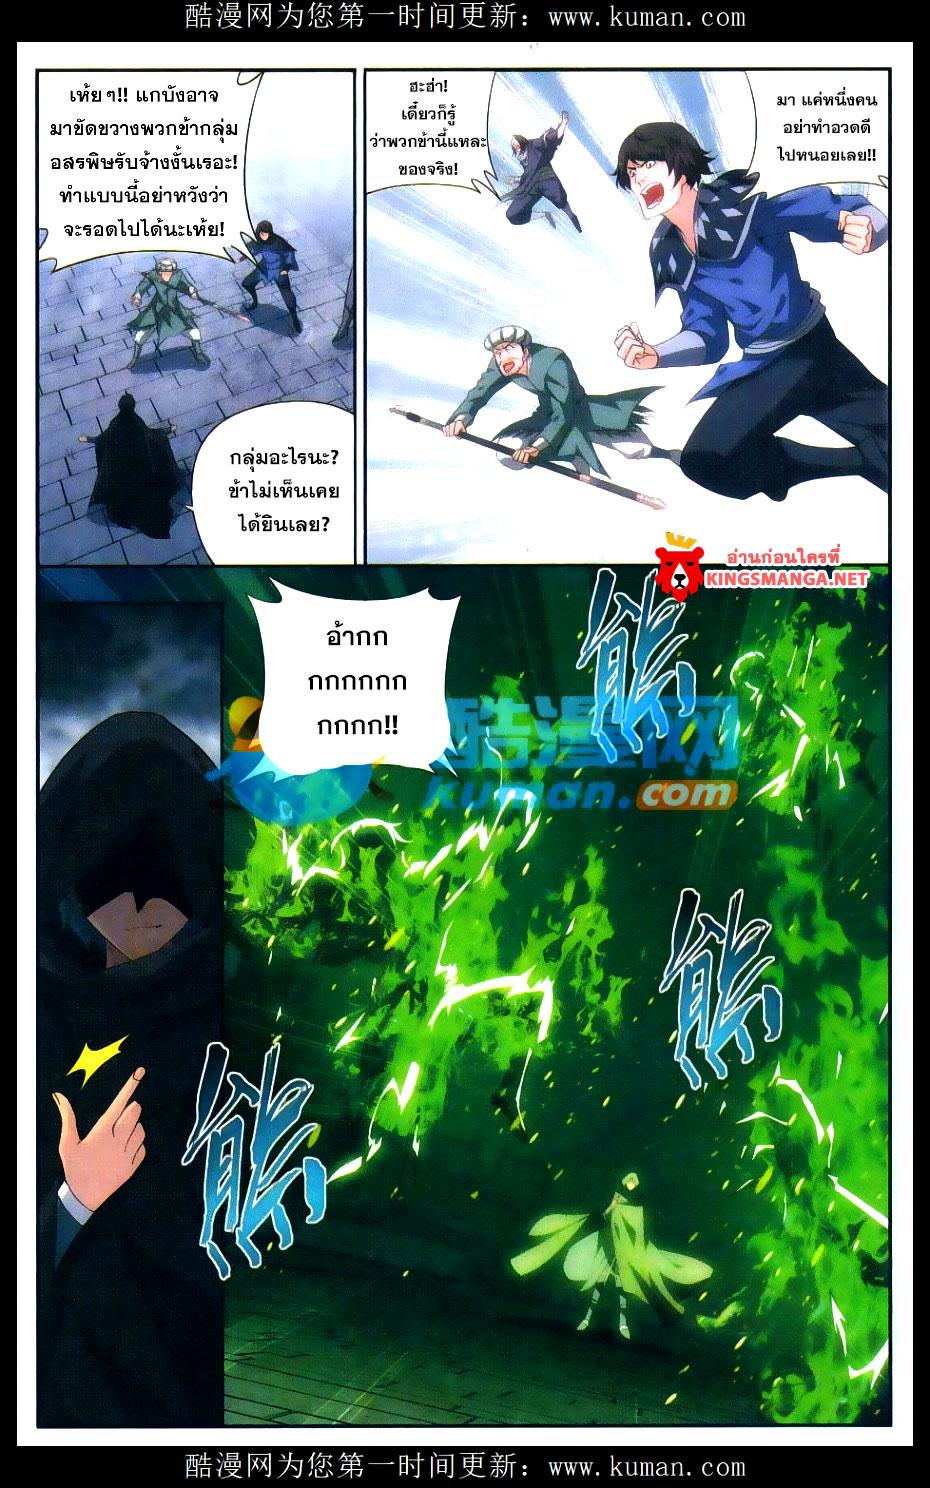 อ่านการ์ตูน Doupo Cangqiong 172 ภาพที่ 14